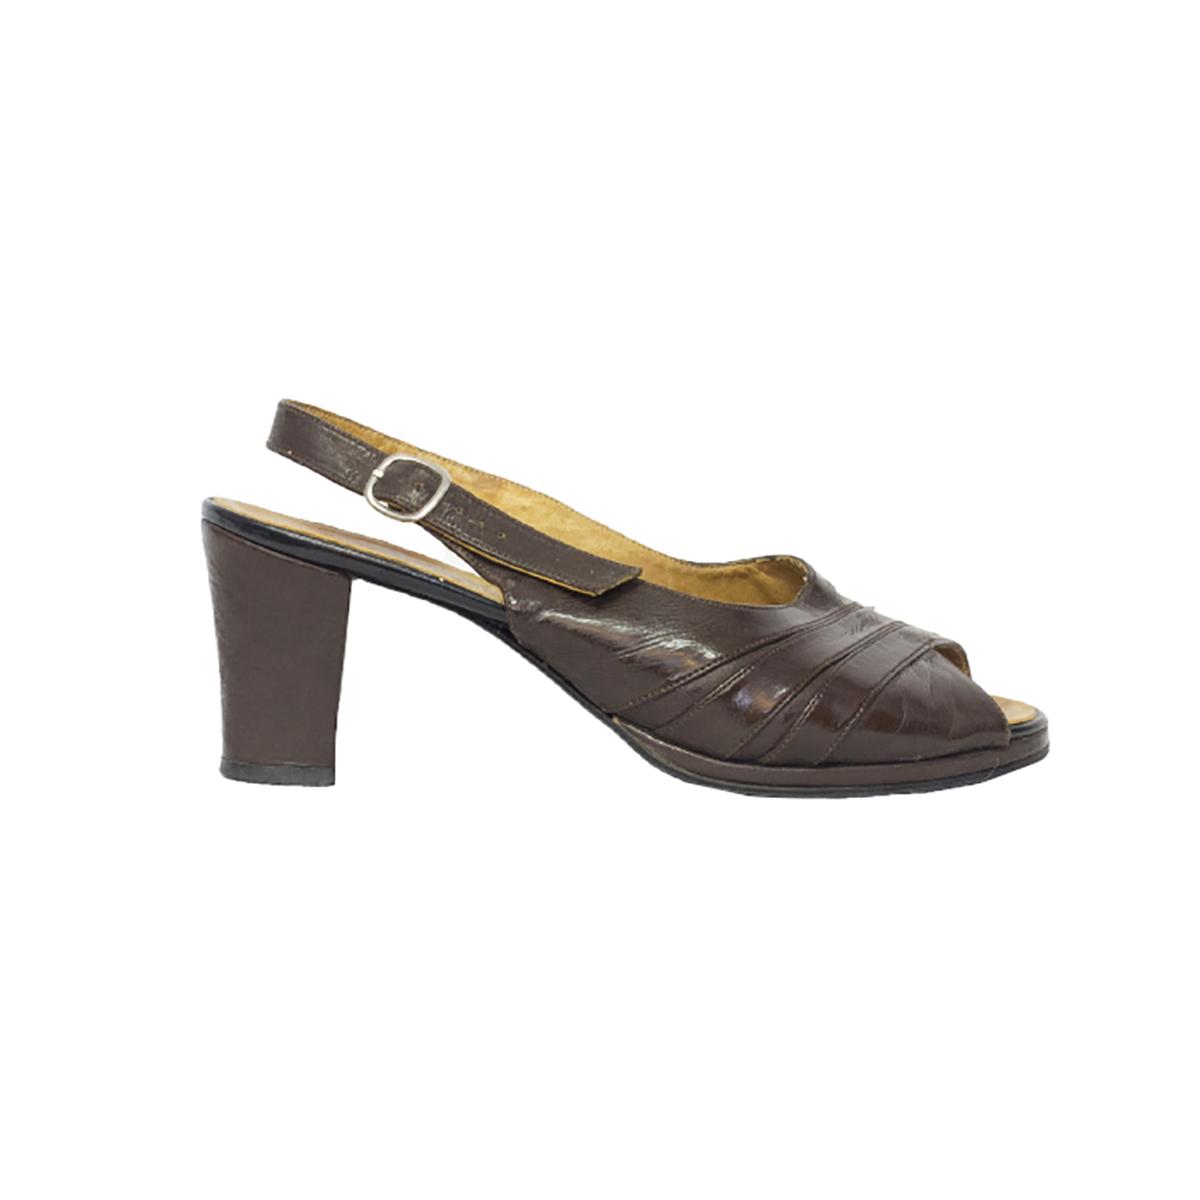 Aida, kotimaiset ruskeat sling back -sandaletit - 3